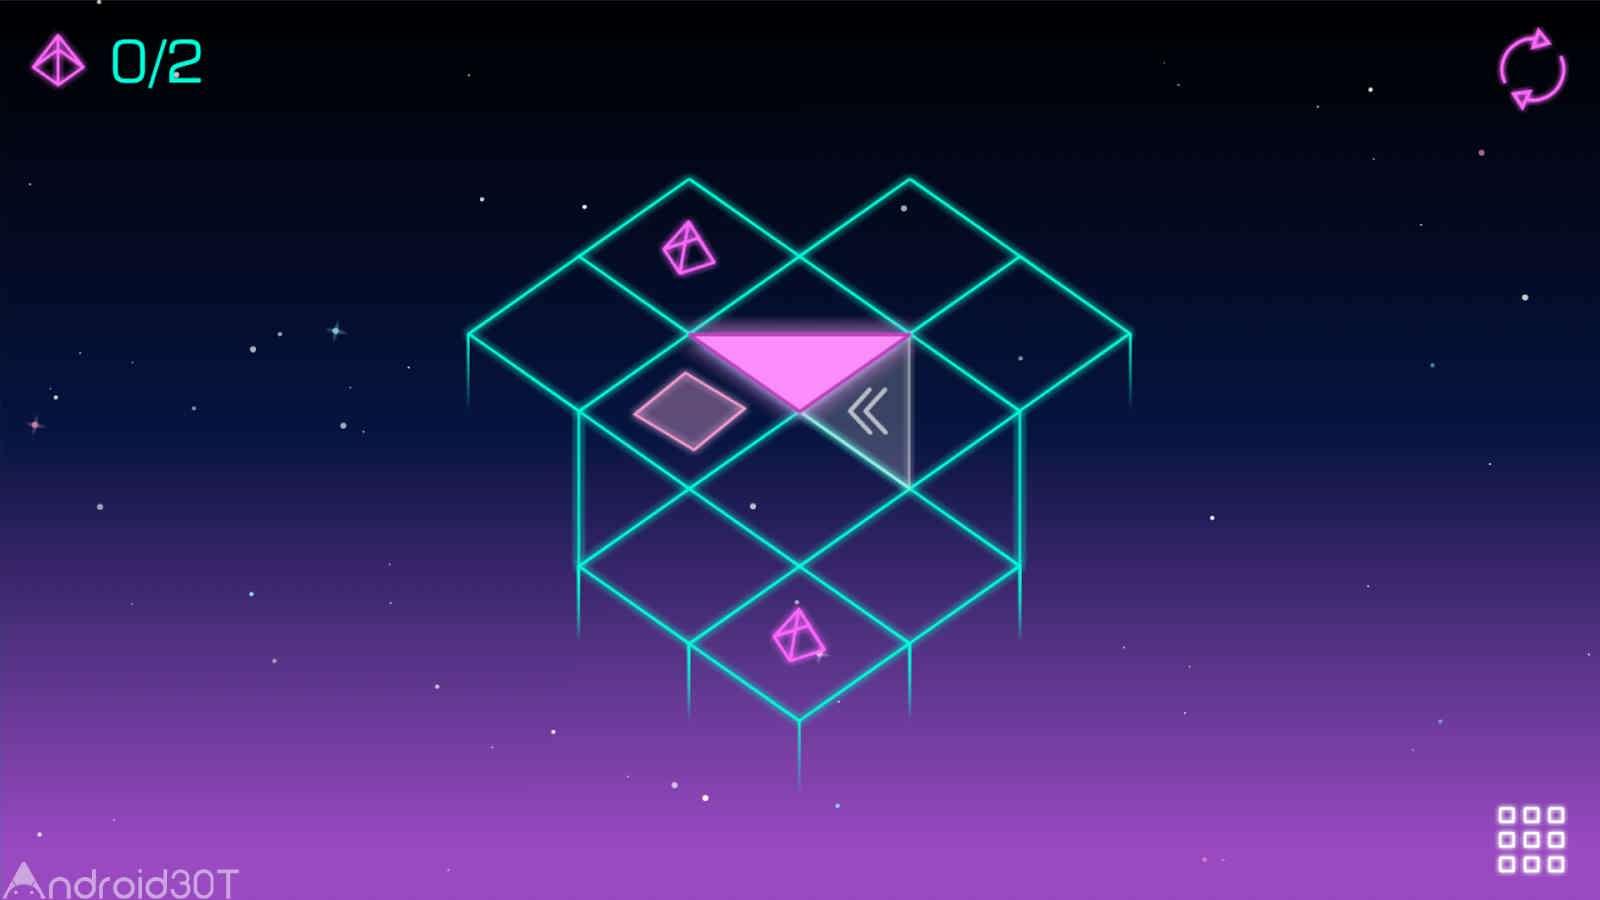 دانلود Neo Angle 1.0 Full – بازی فوق العاده پازل اندروید